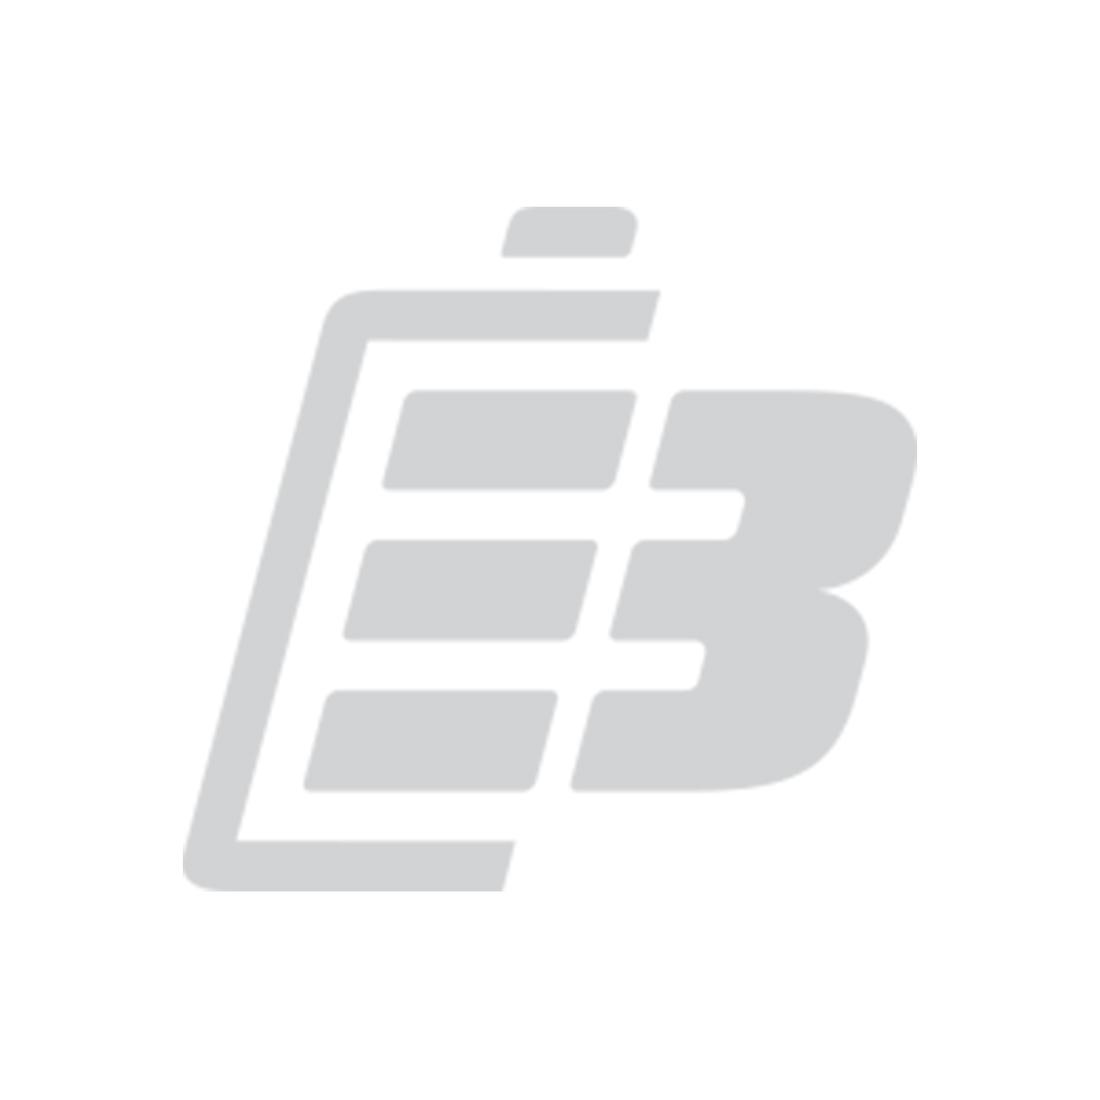 Μπαταρία ασύρματου τηλεφώνου Motorola MD4150_1